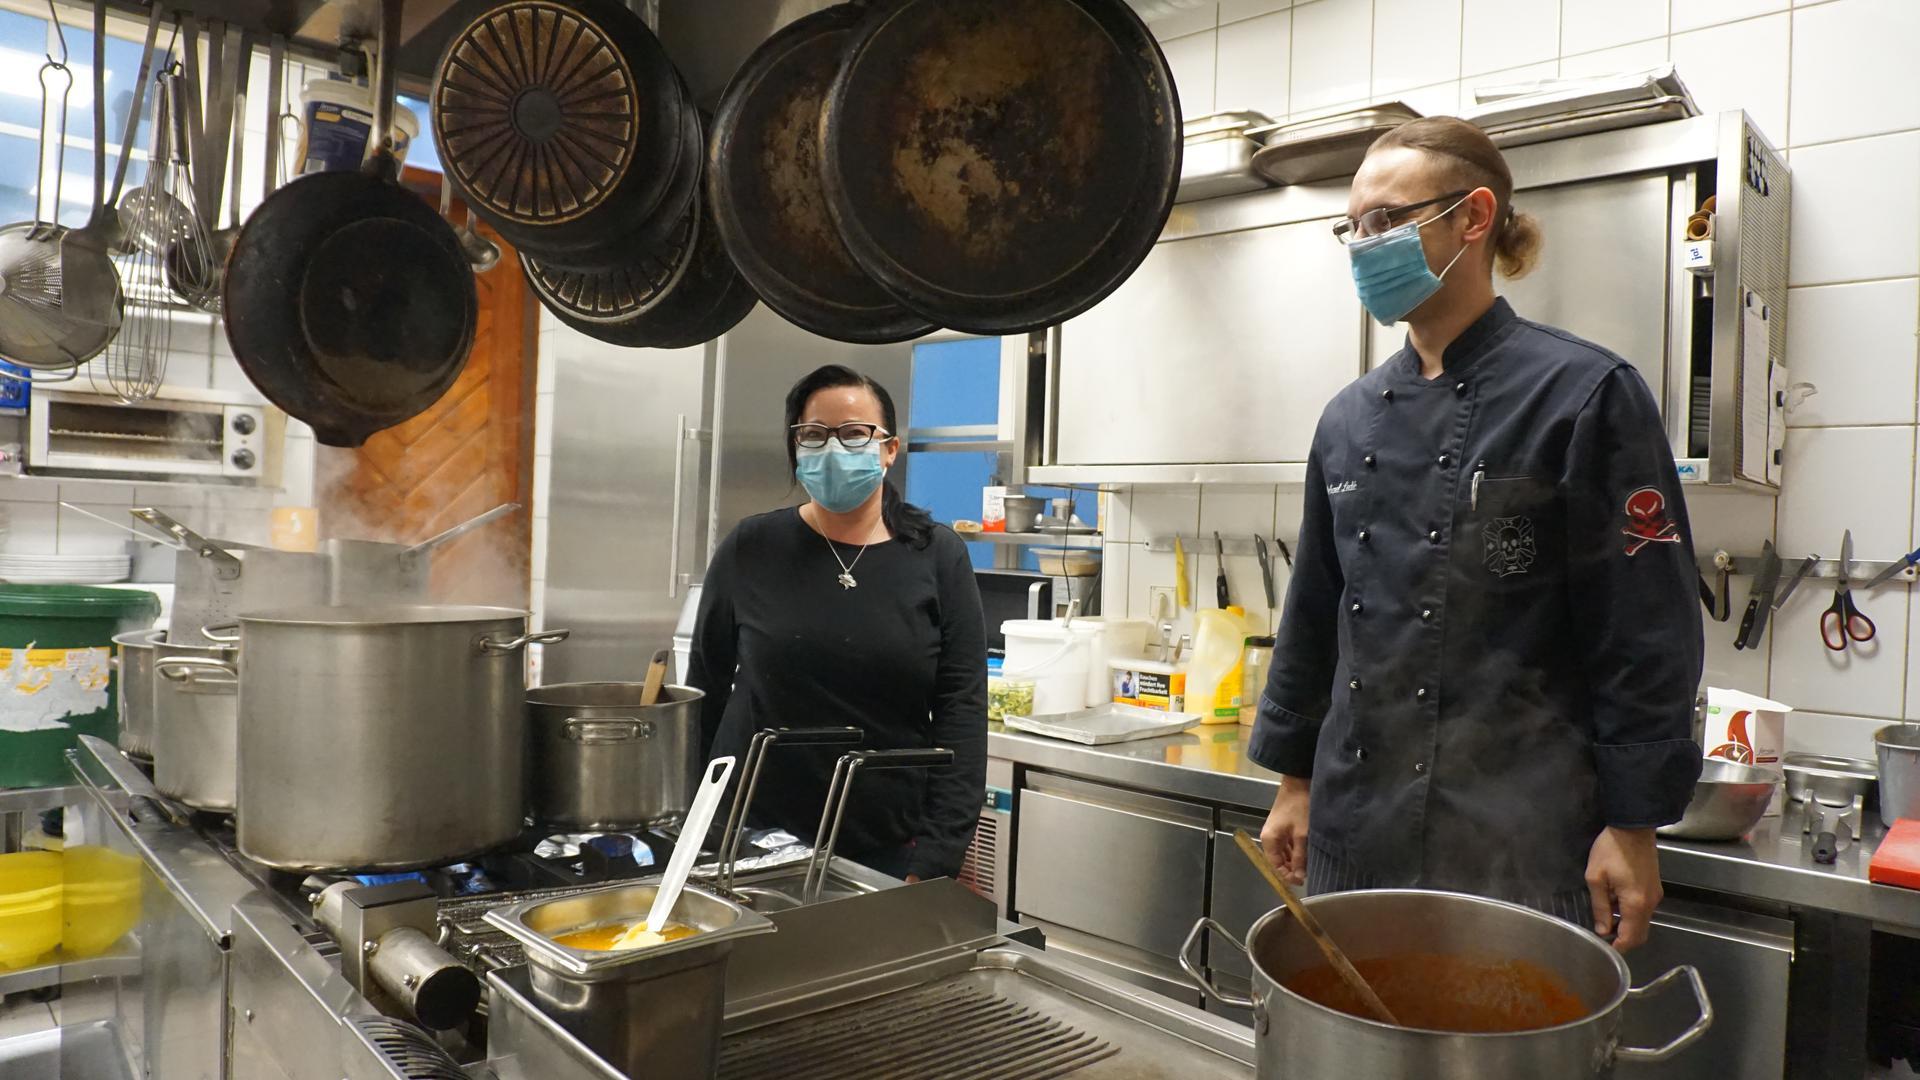 Nadja Oberdorfer und ihr Mitarbeiter Michael Ledić vom Restaurant Schweizer Hof bereiten die Speisen für den Abholservice vor.